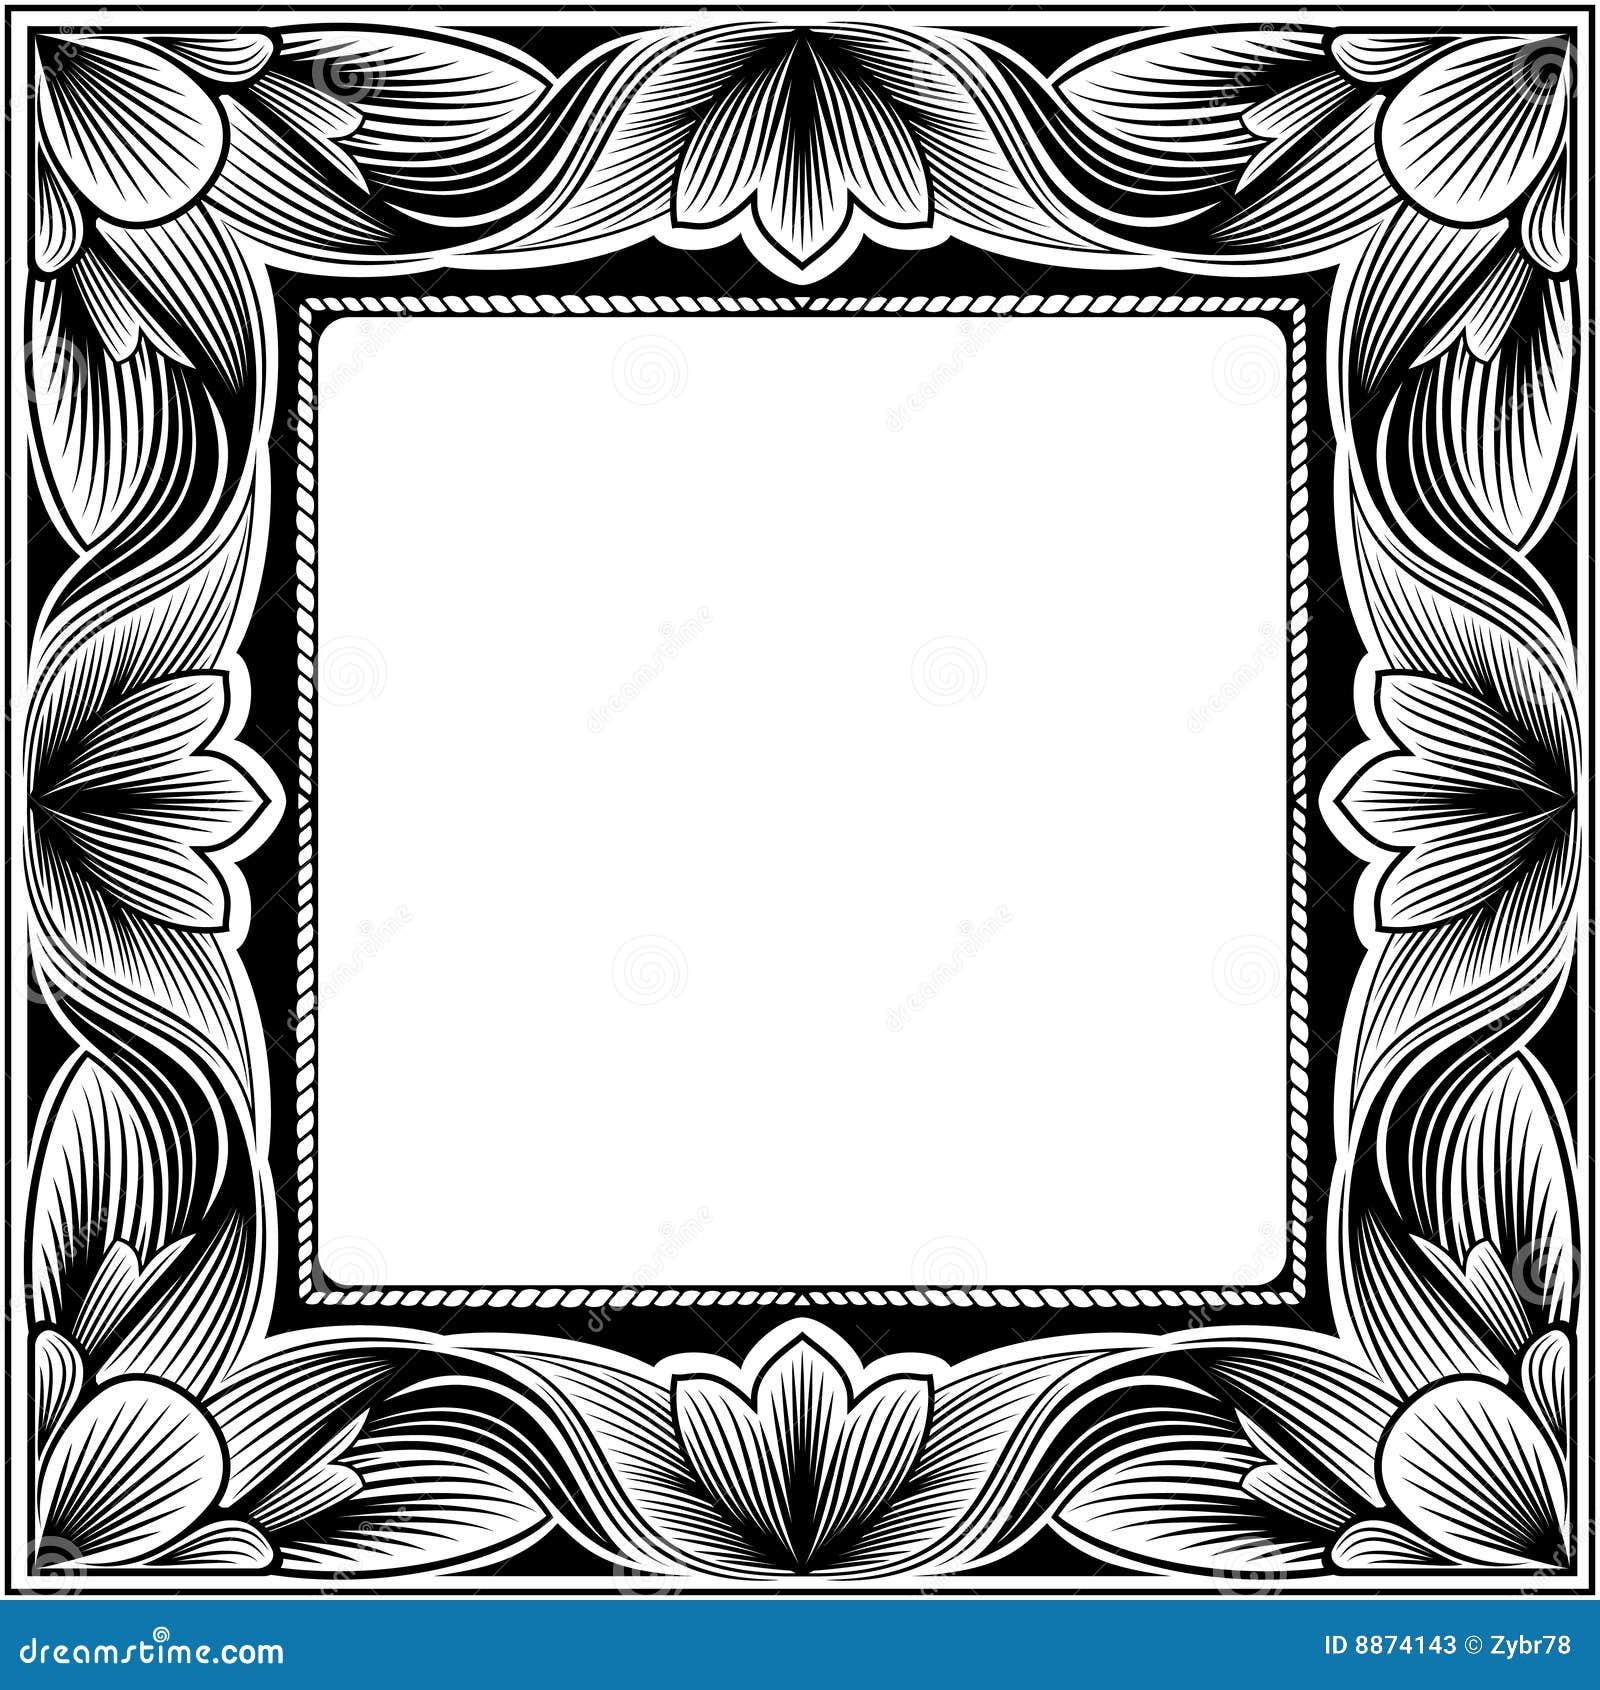 Vintage square frame stock vector. Illustration of pattern - 8874143